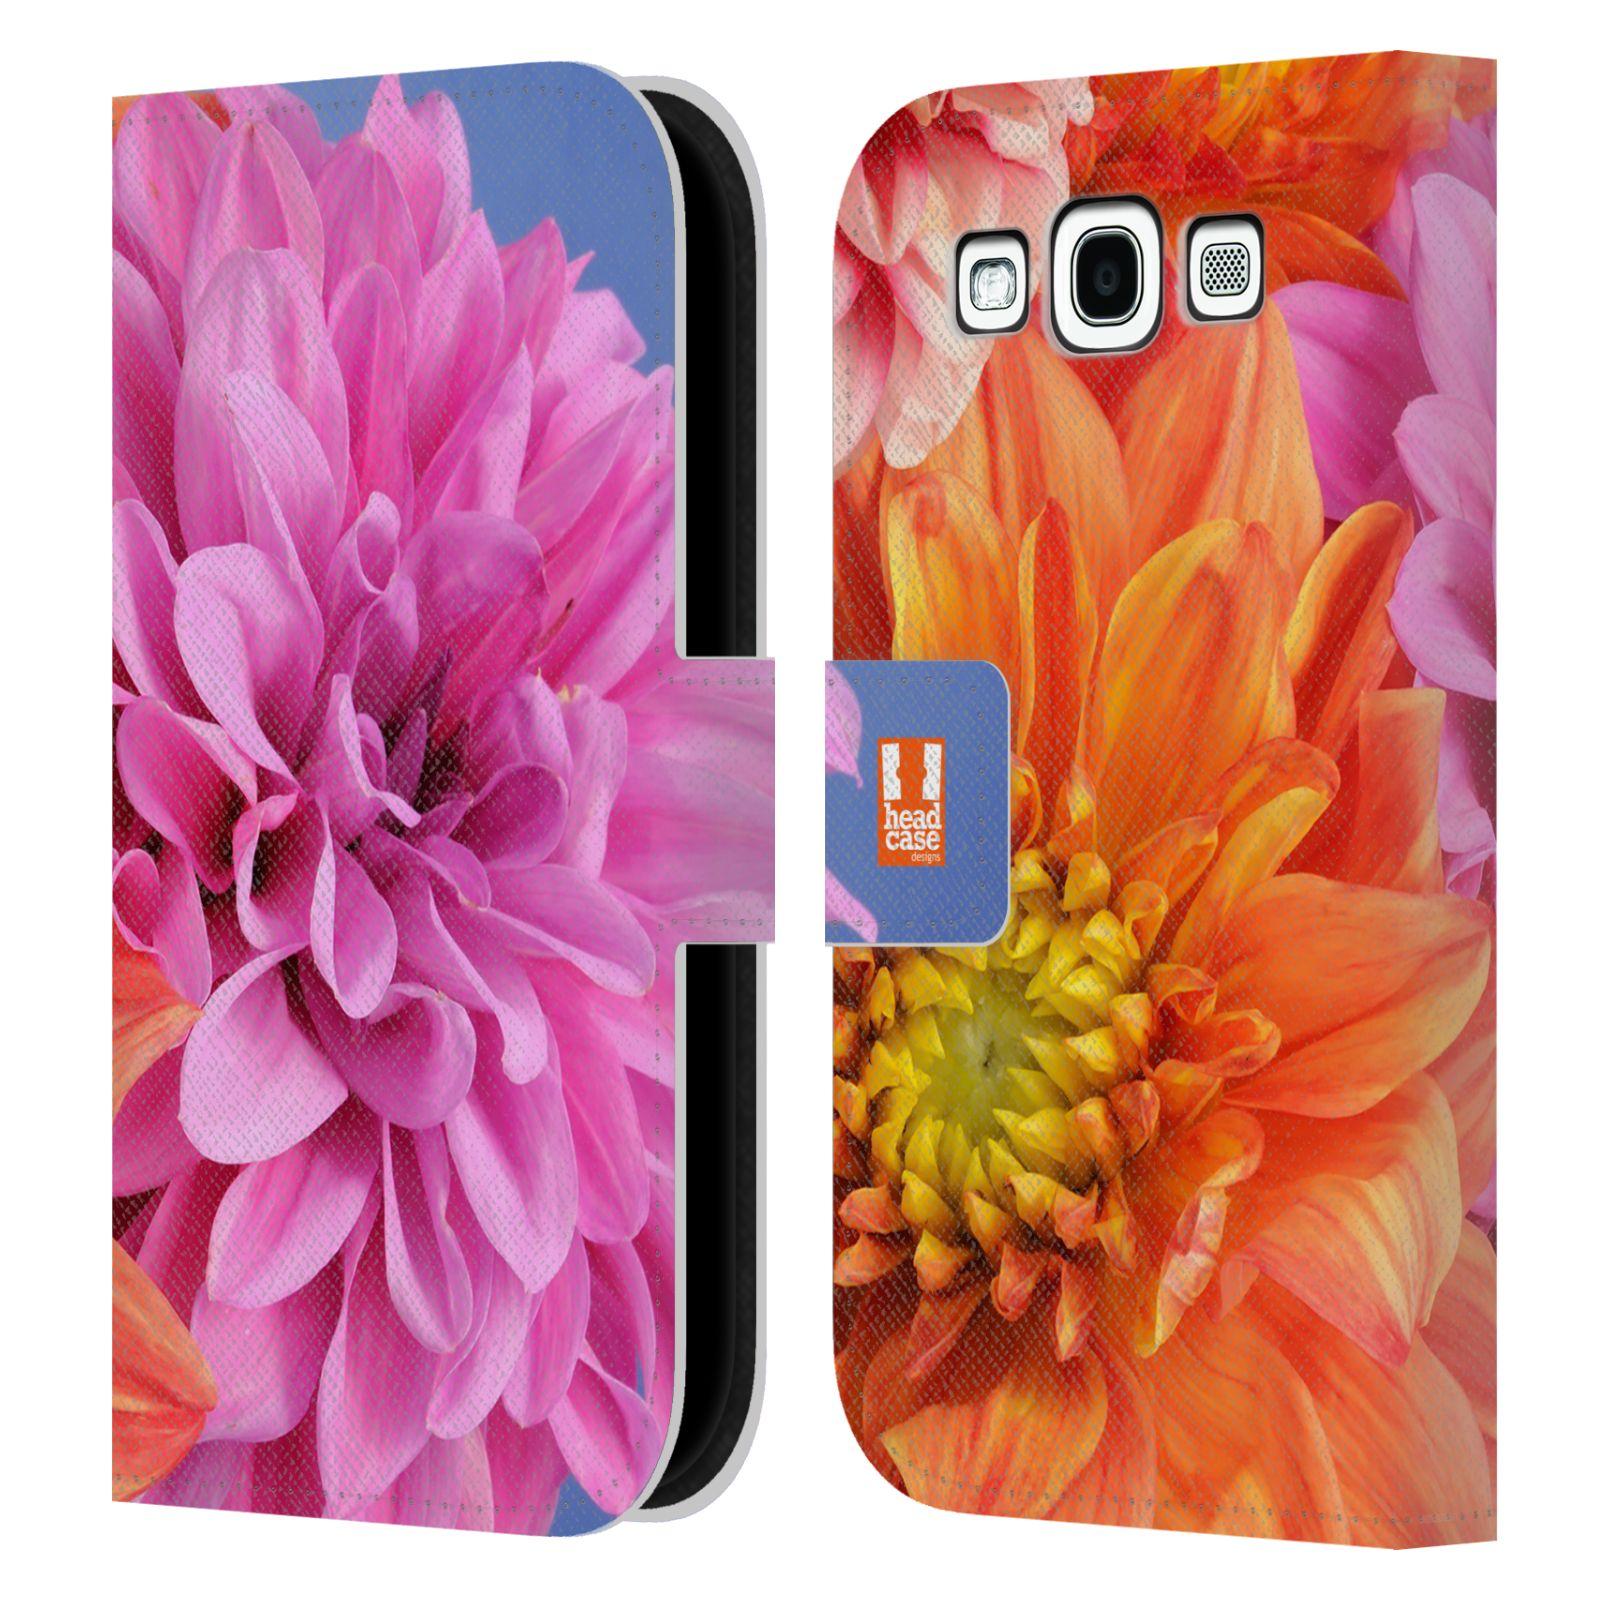 HEAD CASE Flipové pouzdro pro mobil Samsung Galaxy S3 květy foto Jiřinka růžová a oranžová